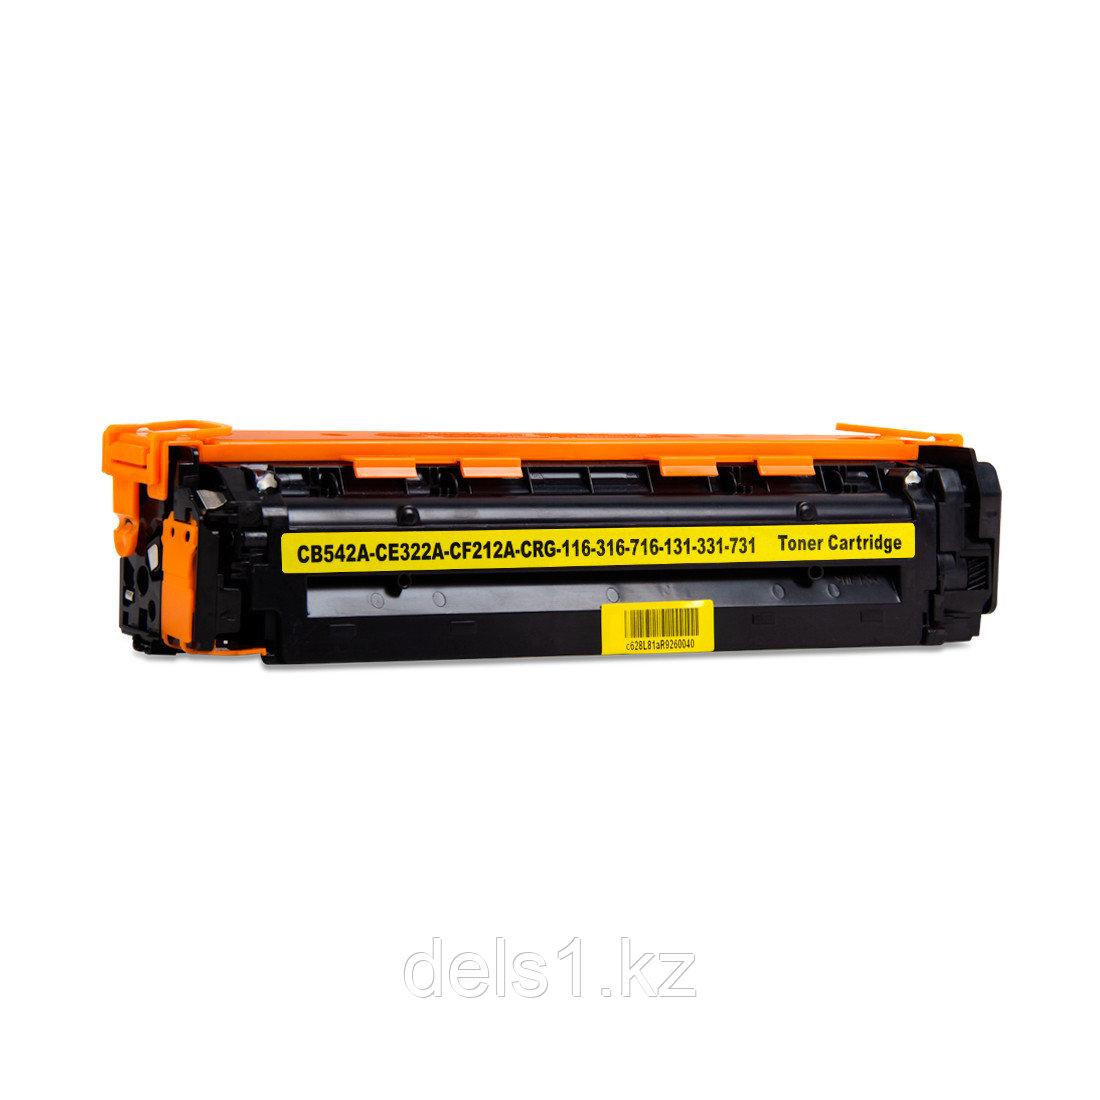 Картридж Colorfix CB542A/CE322A/CF212A,  Жёлтый, Для принтеров HP CLJ CP1215/CP1515/CM1300